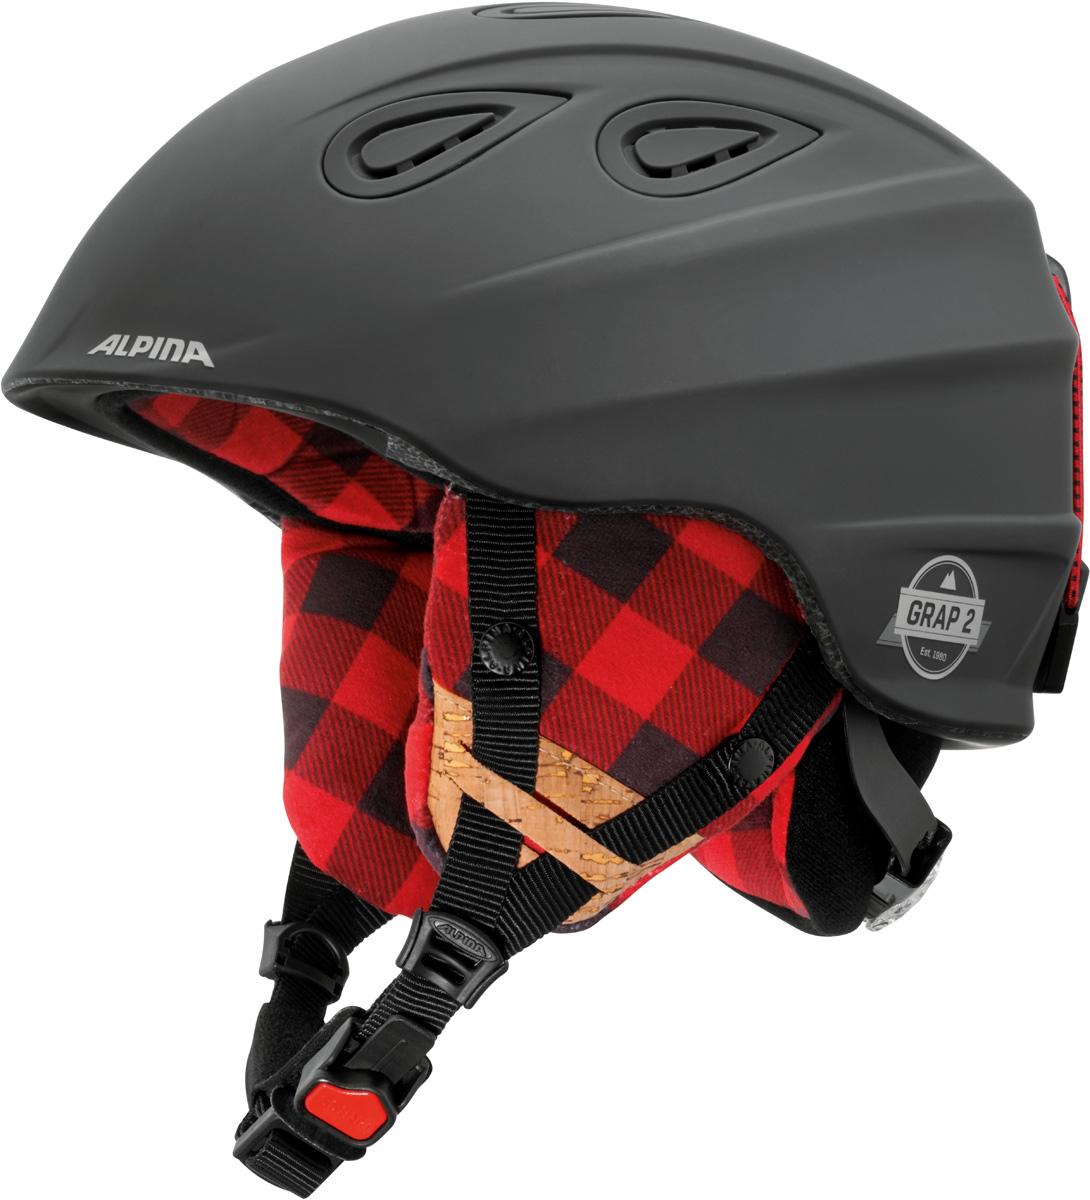 """Шлем горнолыжный Alpina """"Grap 2.0 LE"""", цвет: черный. A9094_31. Размер 54-57"""